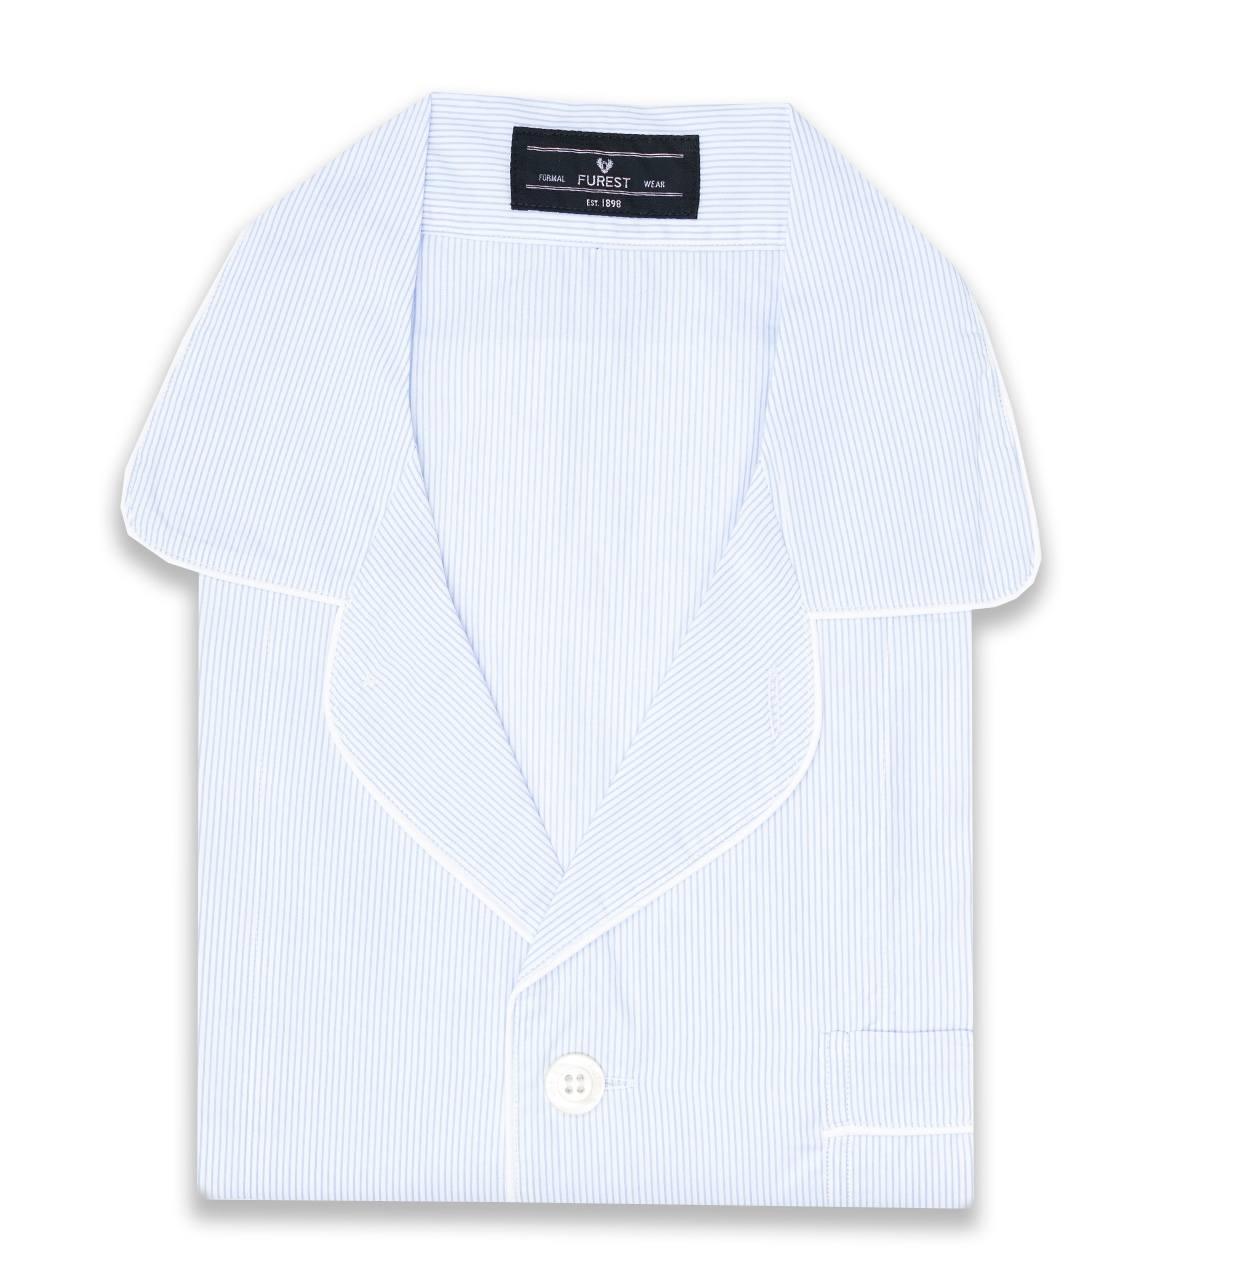 Pijama LARGO dos piezas, pantalón largo con cinta no elástica y funda incluida, color celeste con estampado de rayas, 100% Algodón.